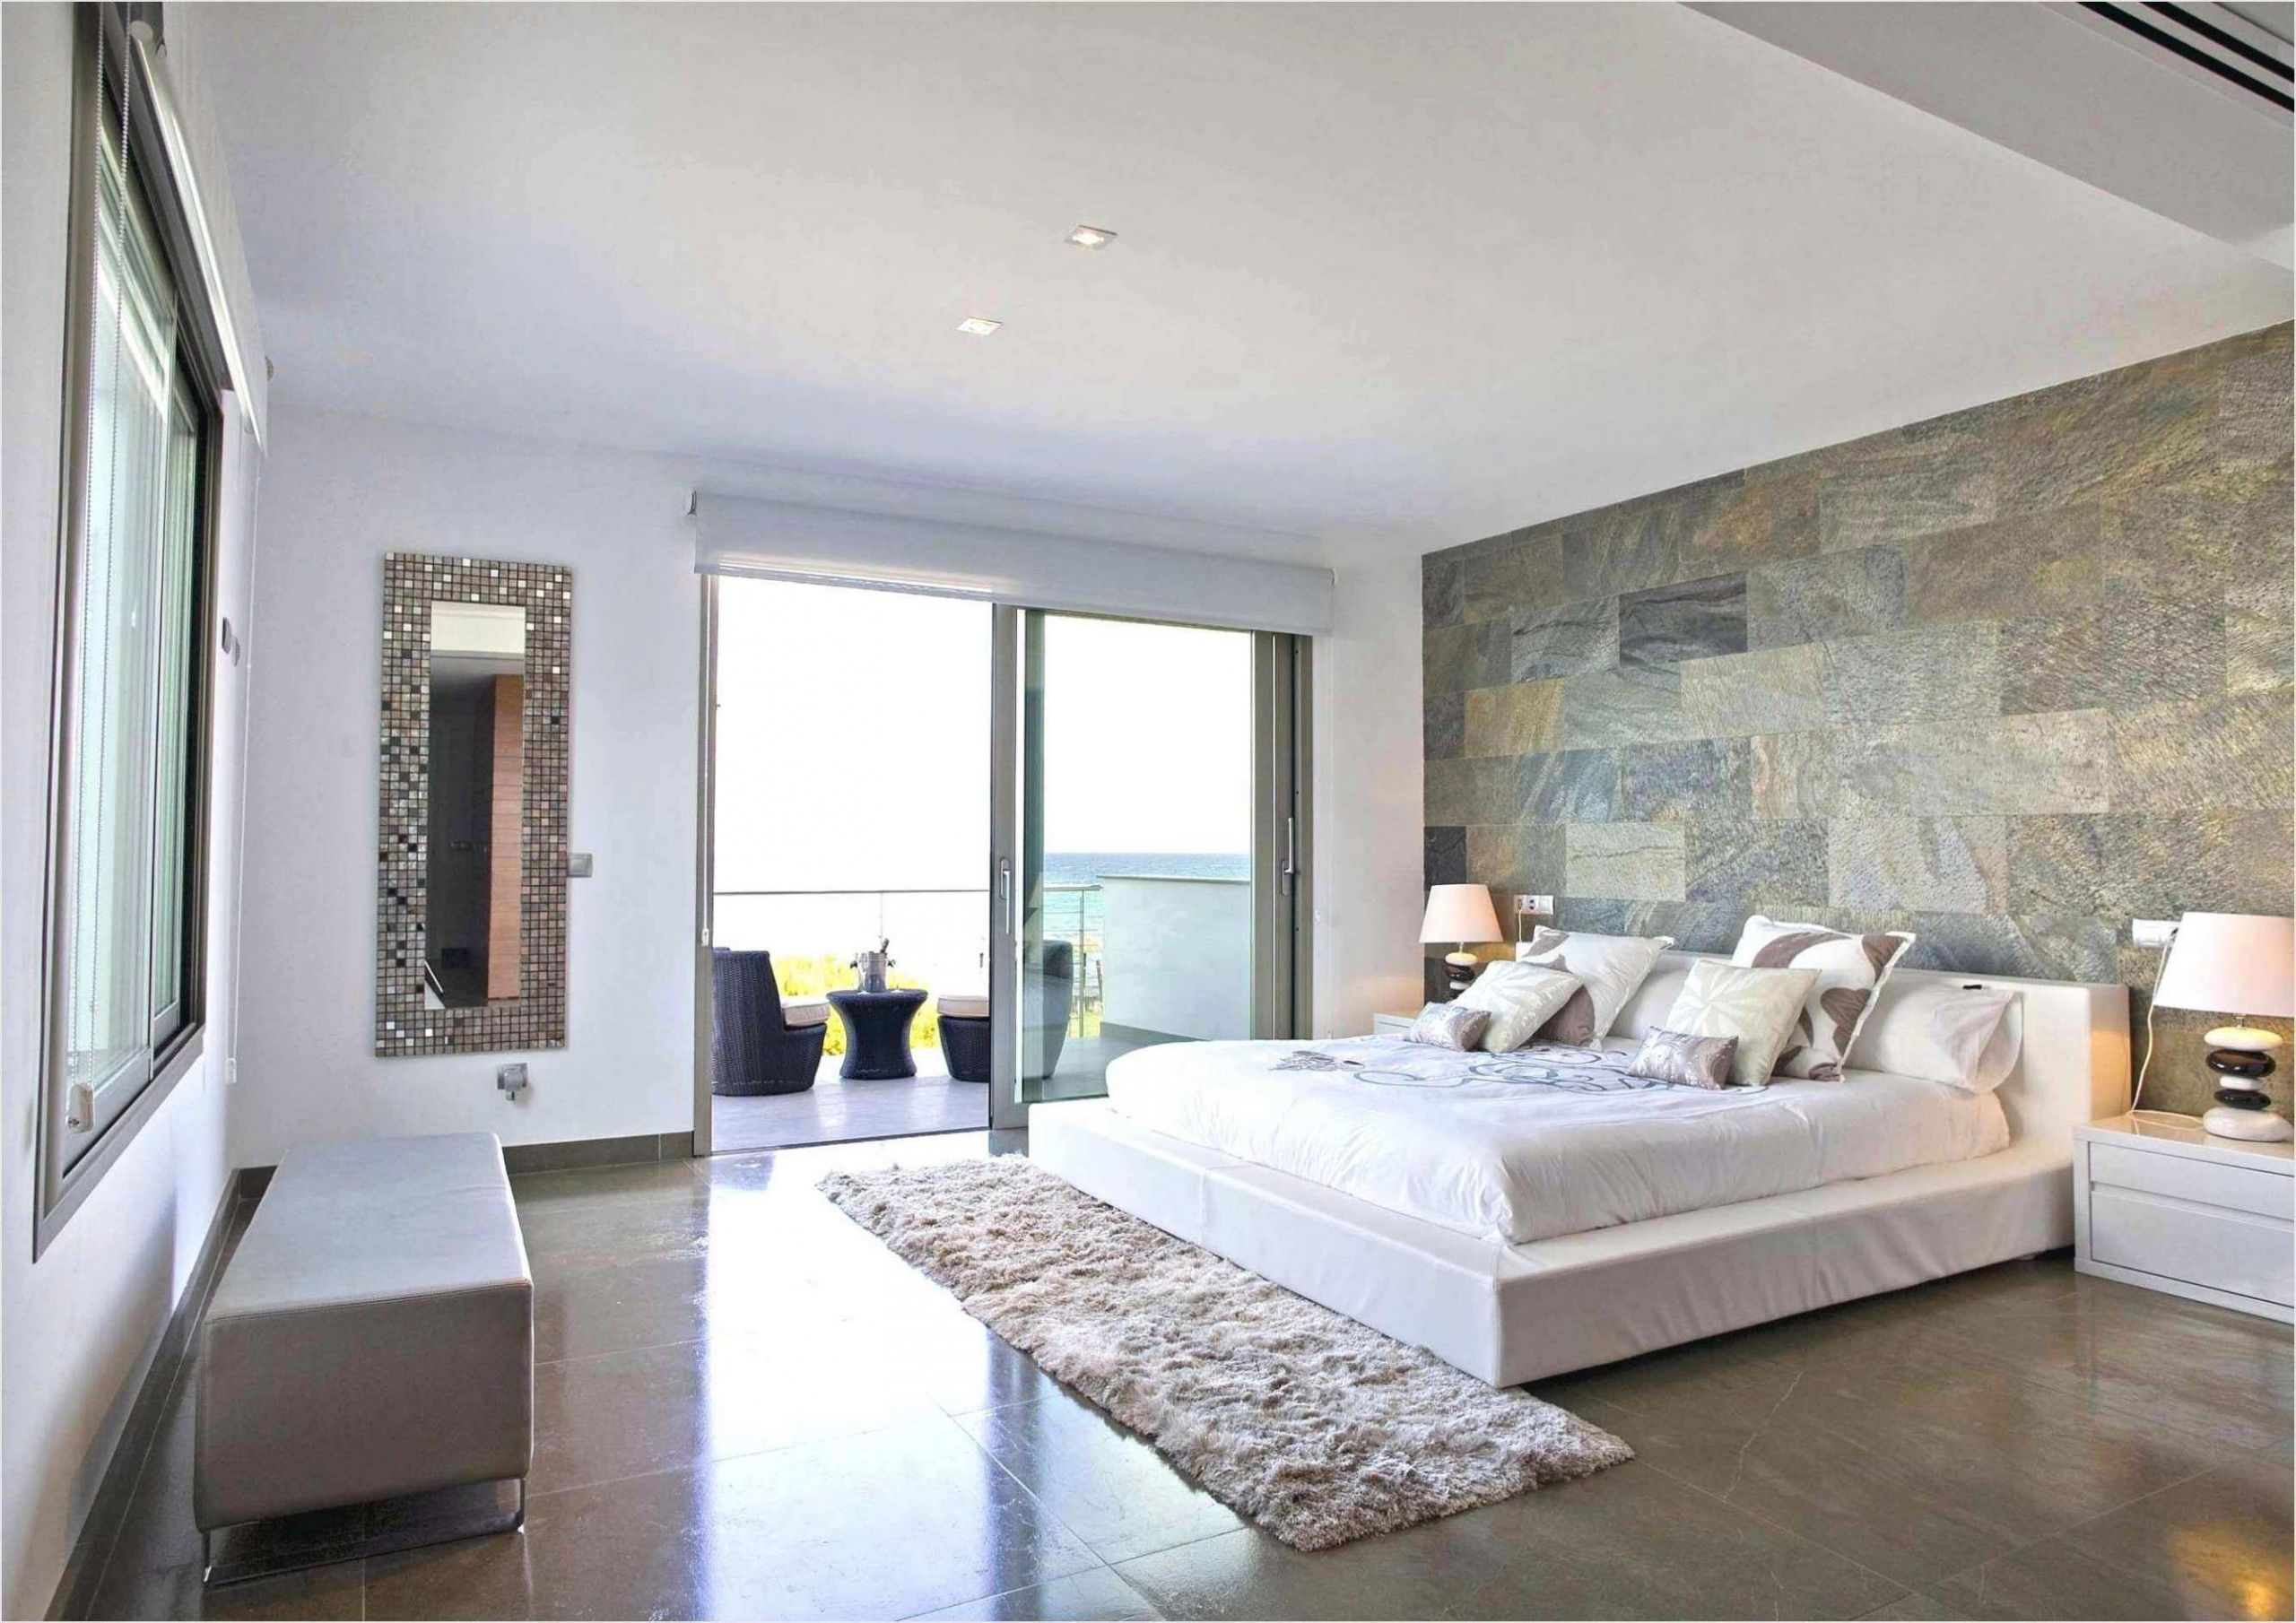 wanddekoration selber machen elegant wanddeko wohnzimmer ideen neu wanddekoration wohnzimmer 0d of wanddekoration selber machen